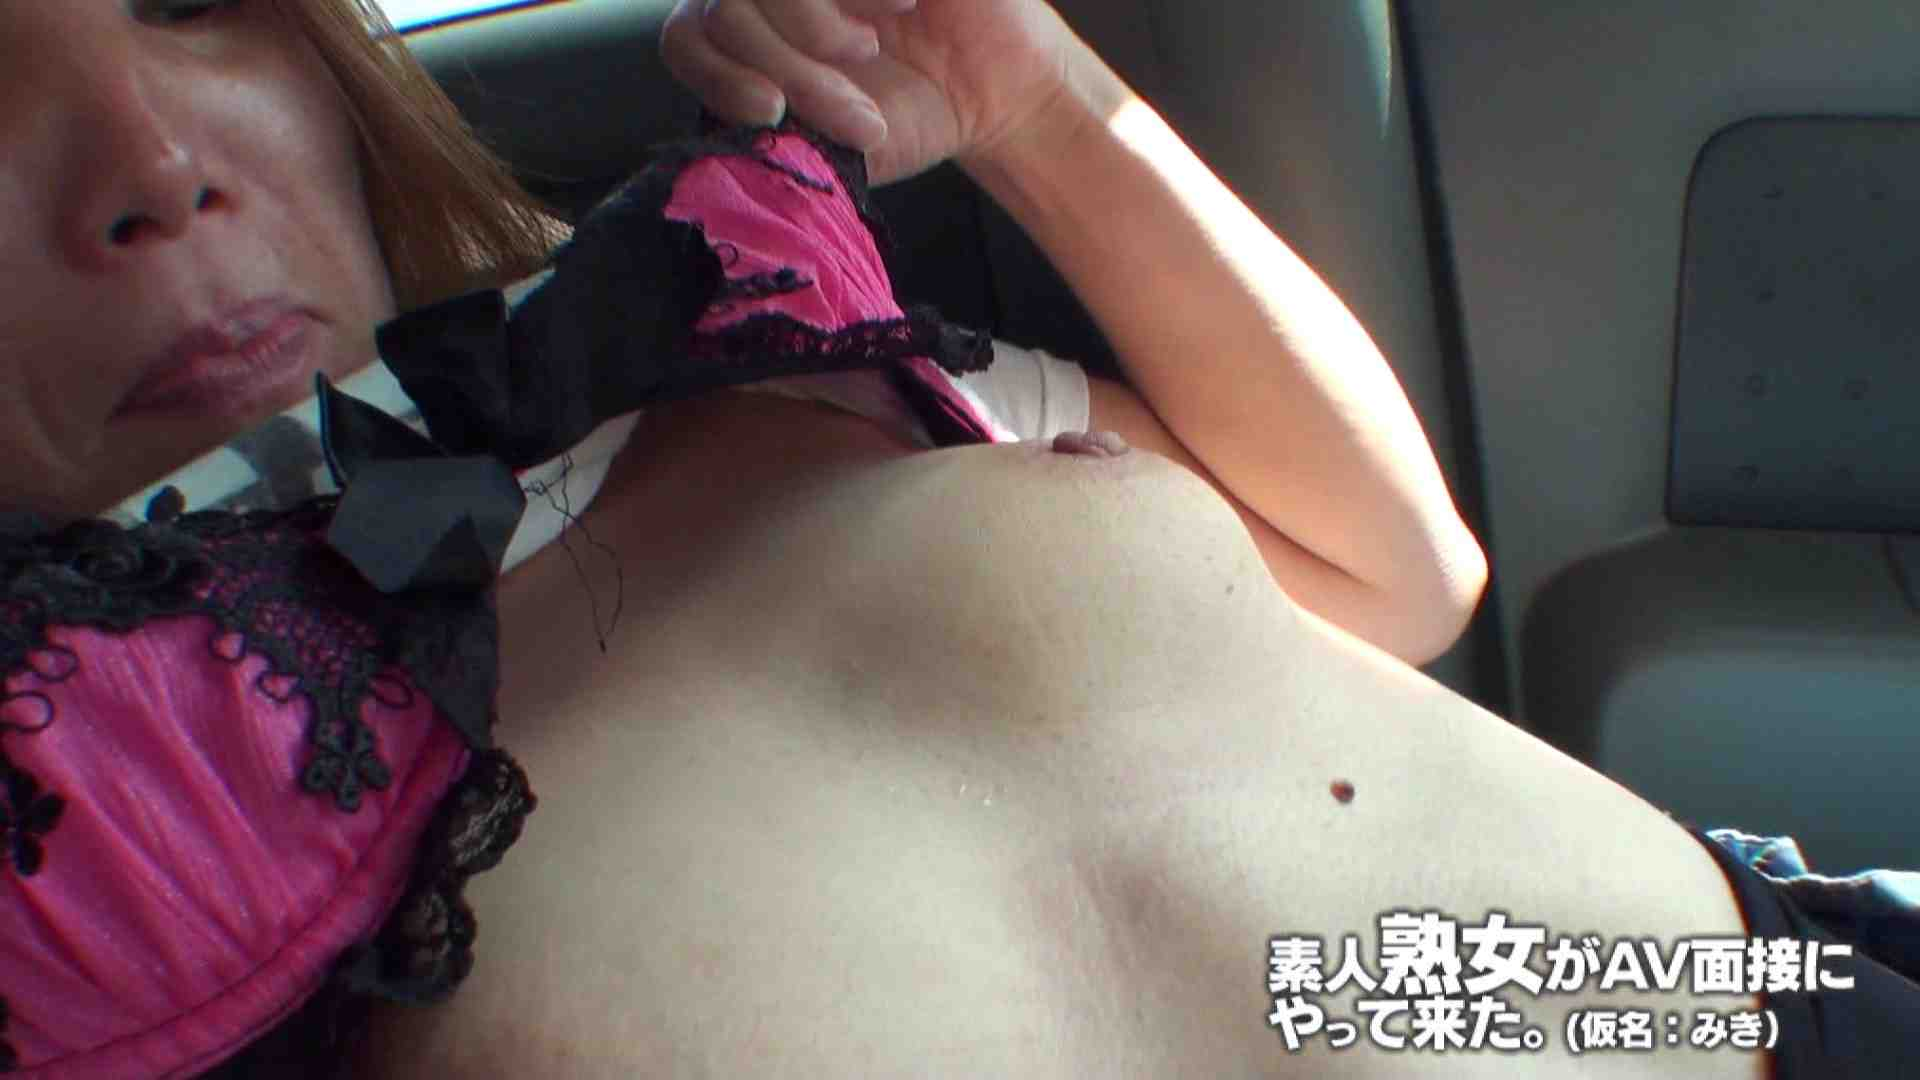 素人熟女がAV面接にやってきた (熟女)みきさんVOL.02 車 | 熟女の裸体  84画像 49